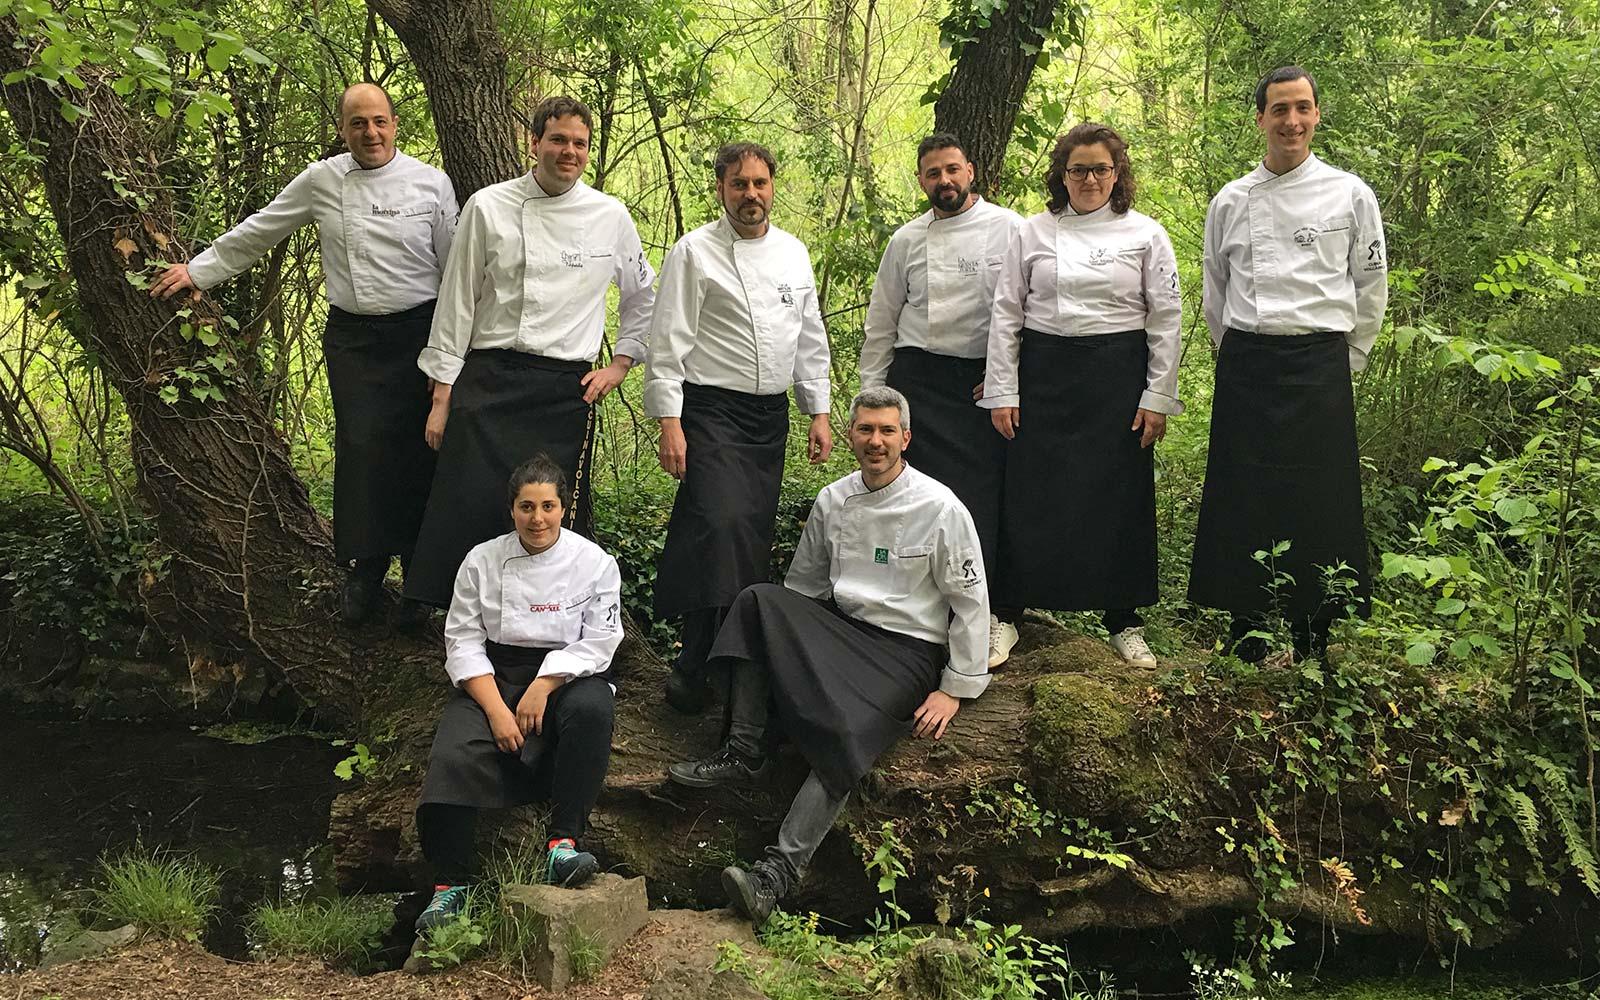 Cuiners de cuina volcànica a la Garrotxa